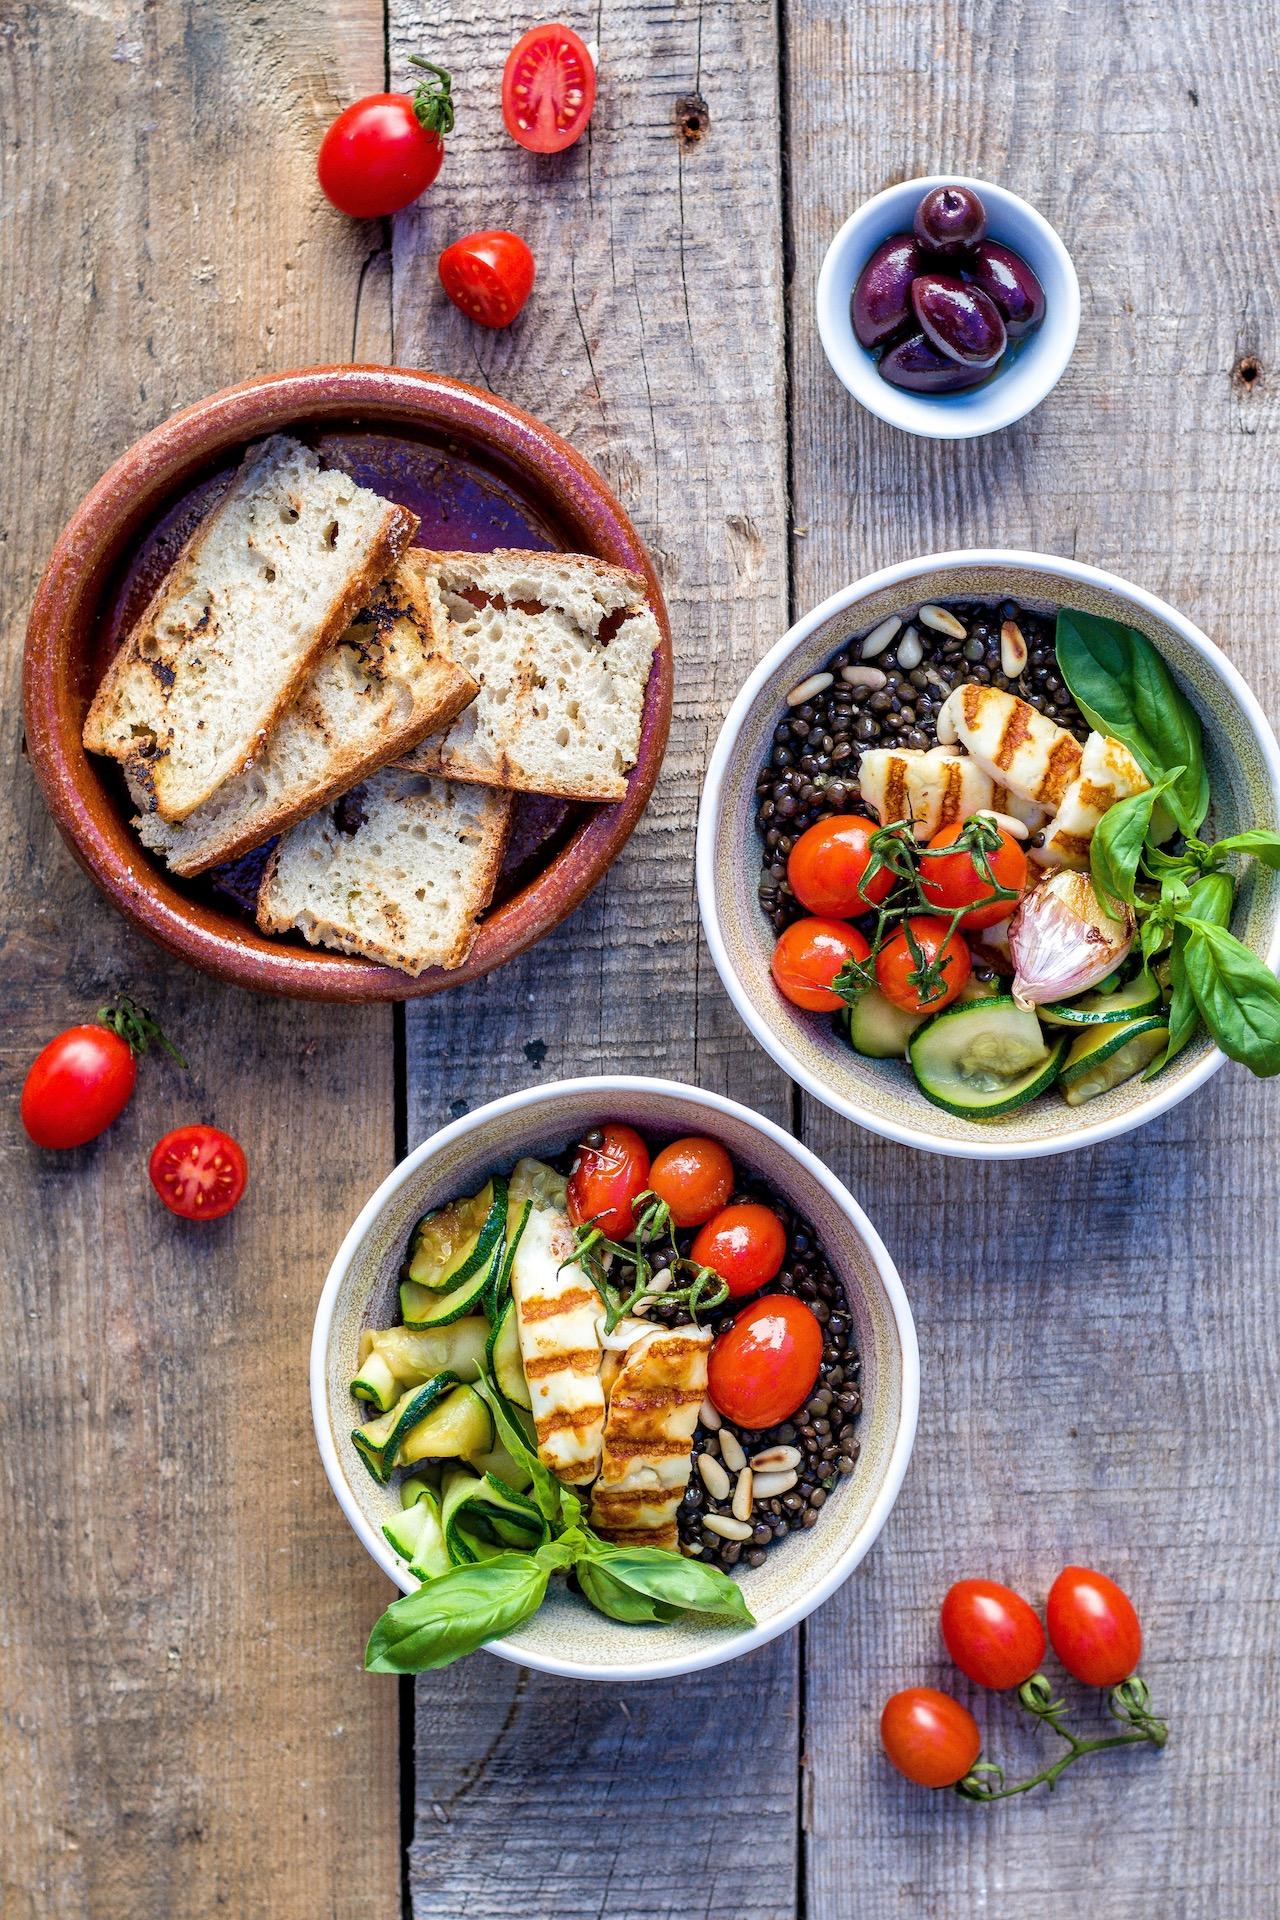 Lauwarmer Salat aus Belugalinsen, gegrillter Zucchini, Tomate und Halloumi. #mediterran #vegetarisch #einfach #halloumi #linsen